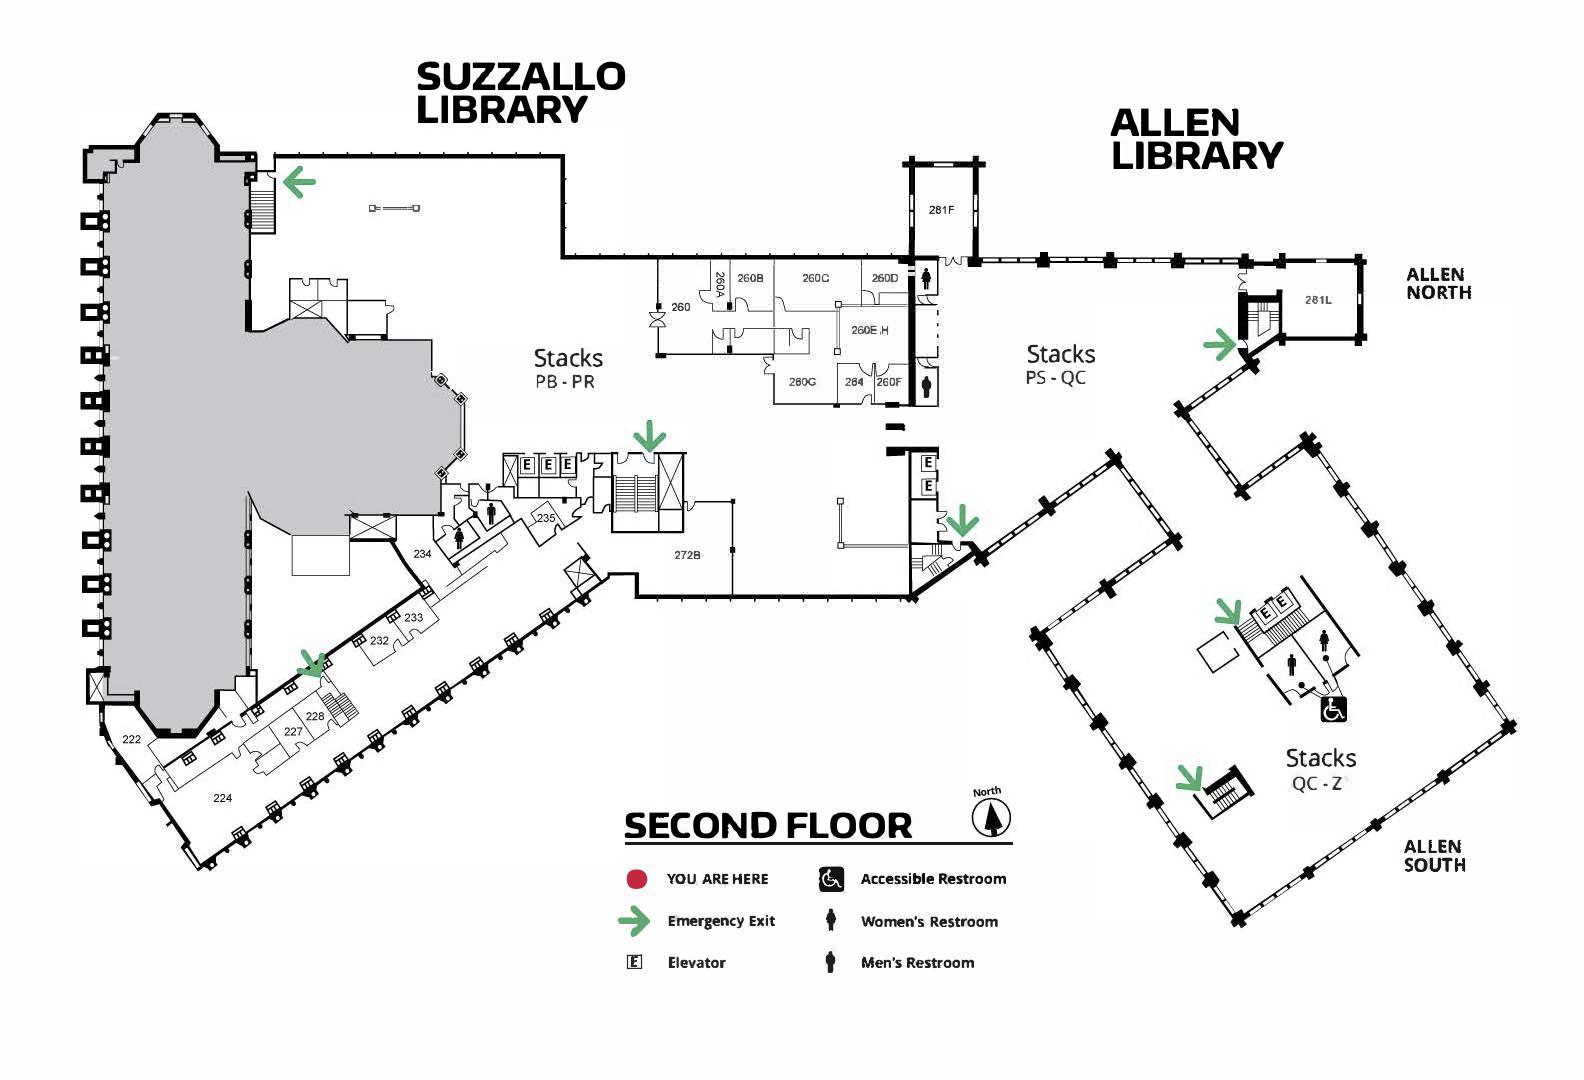 Suzzallo and Allen Second Floor Map